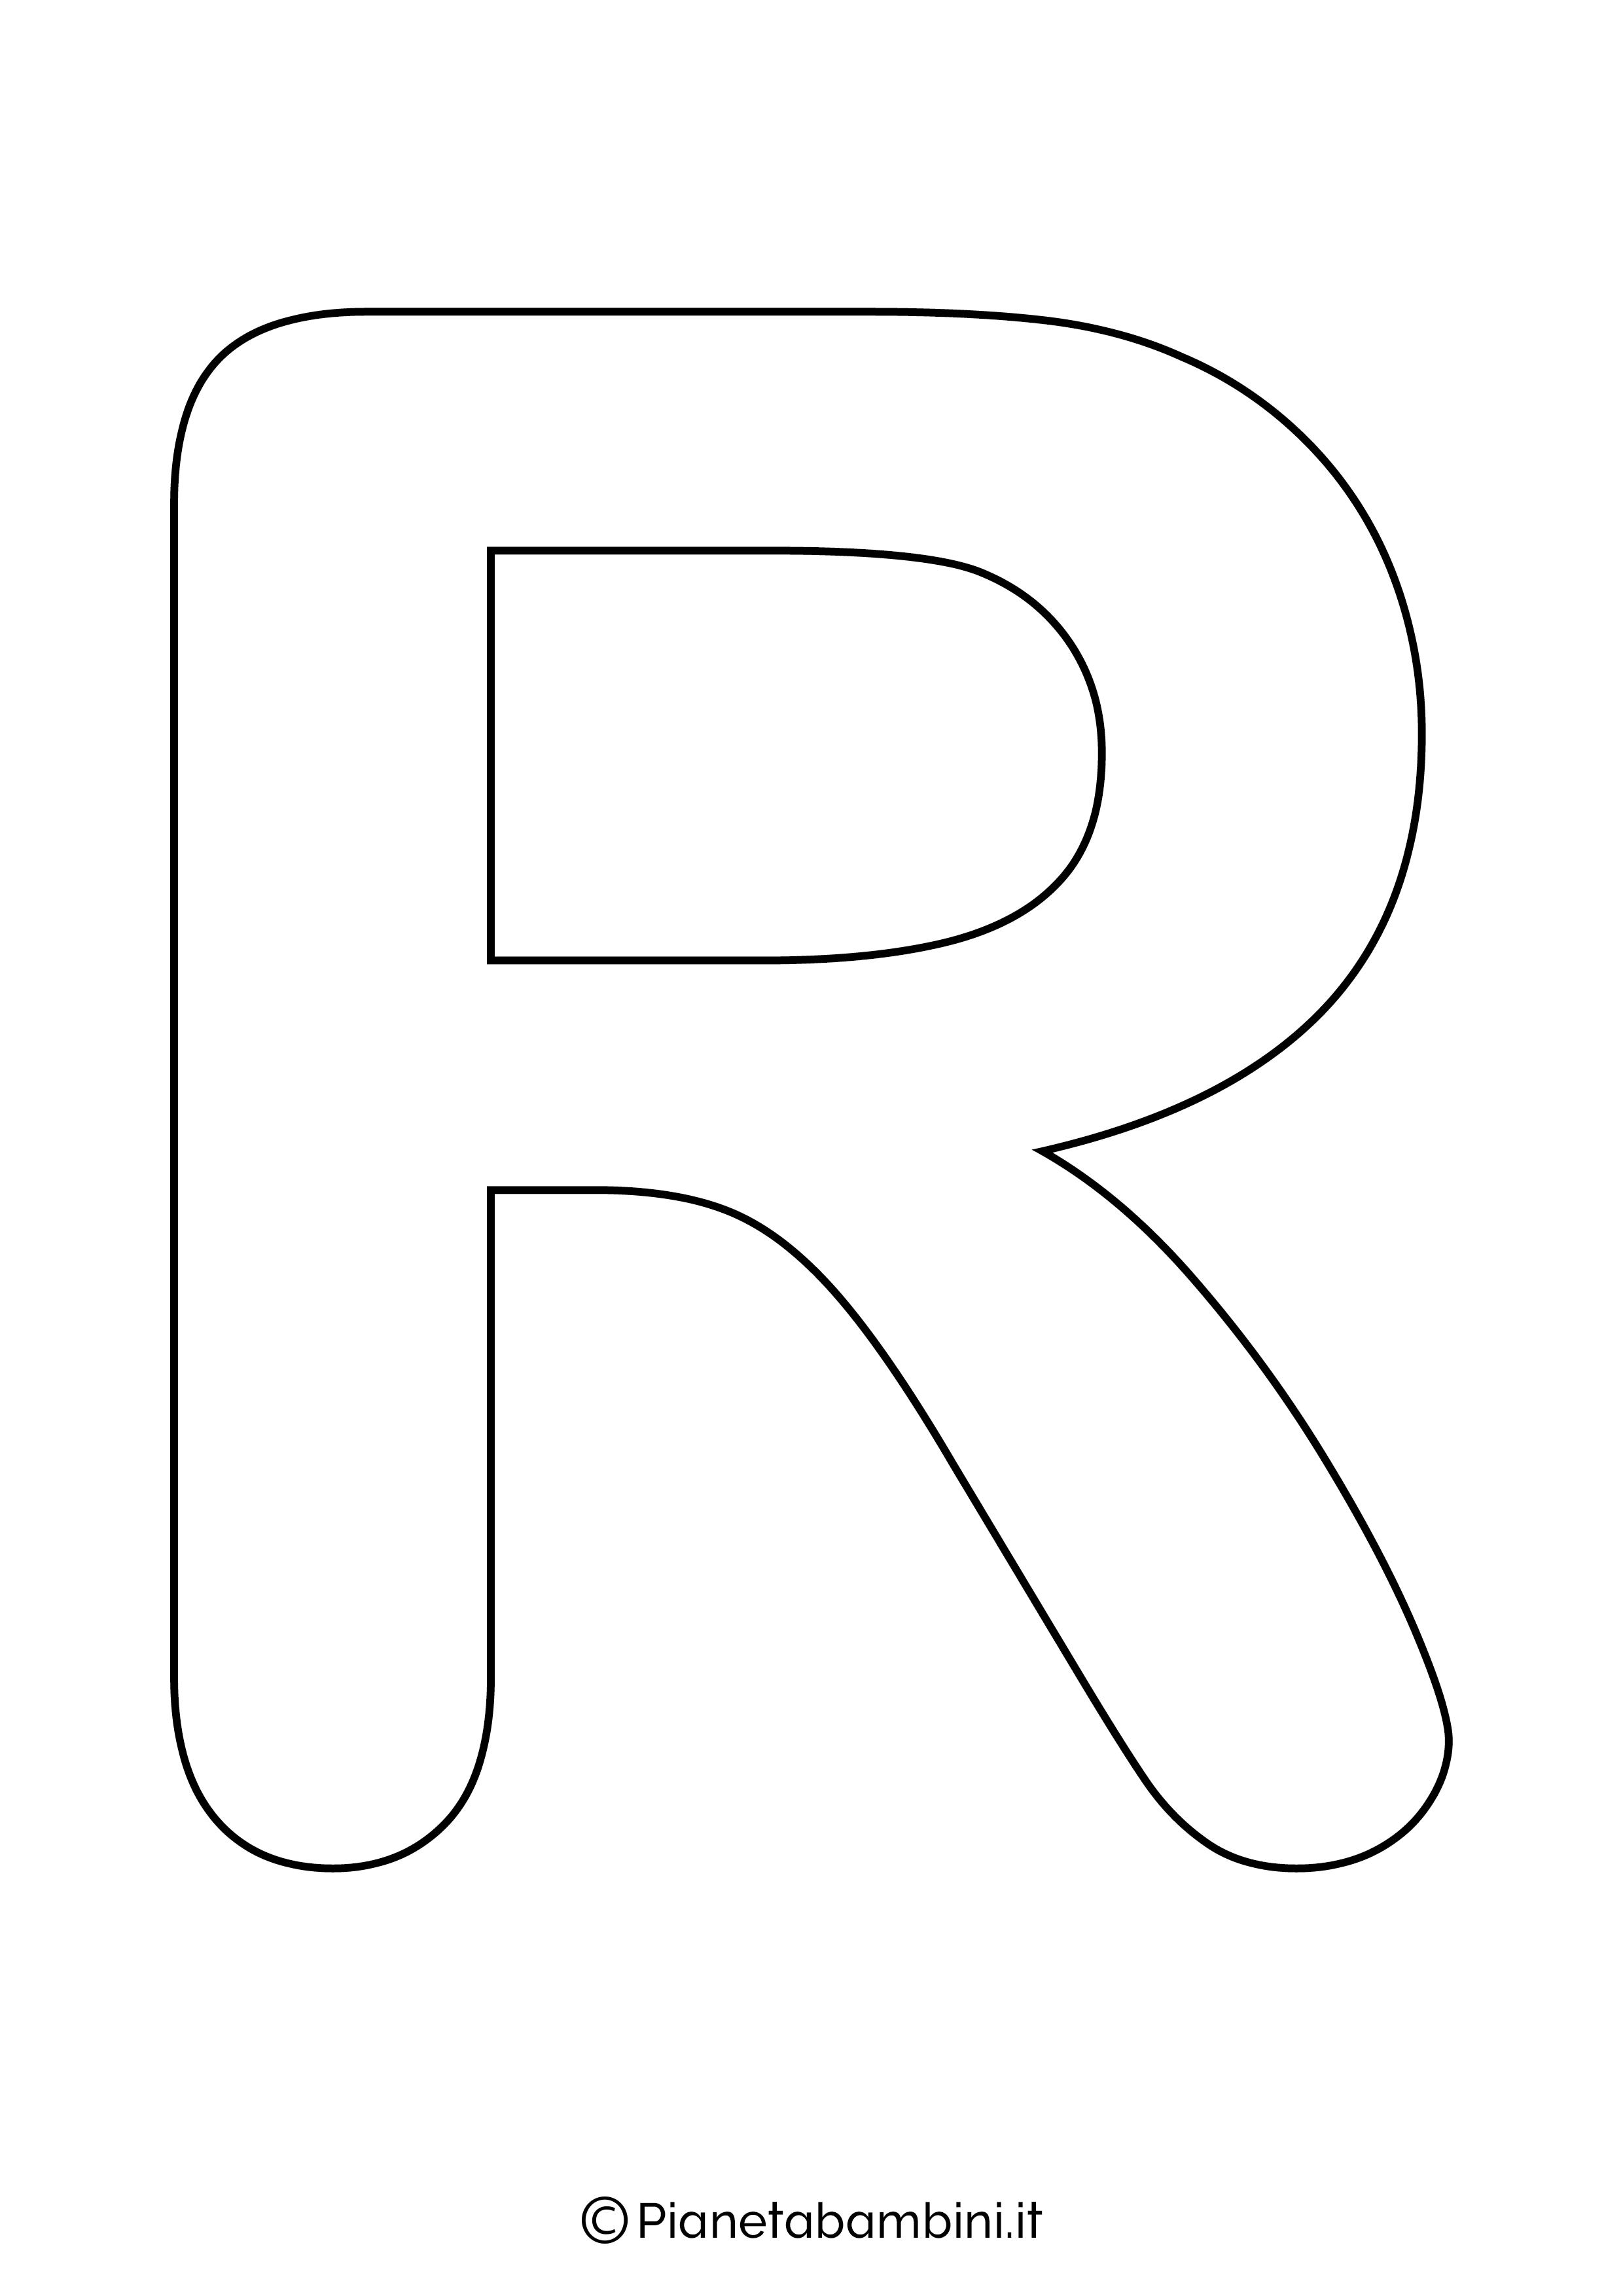 Lettera R maiuscola da stampare